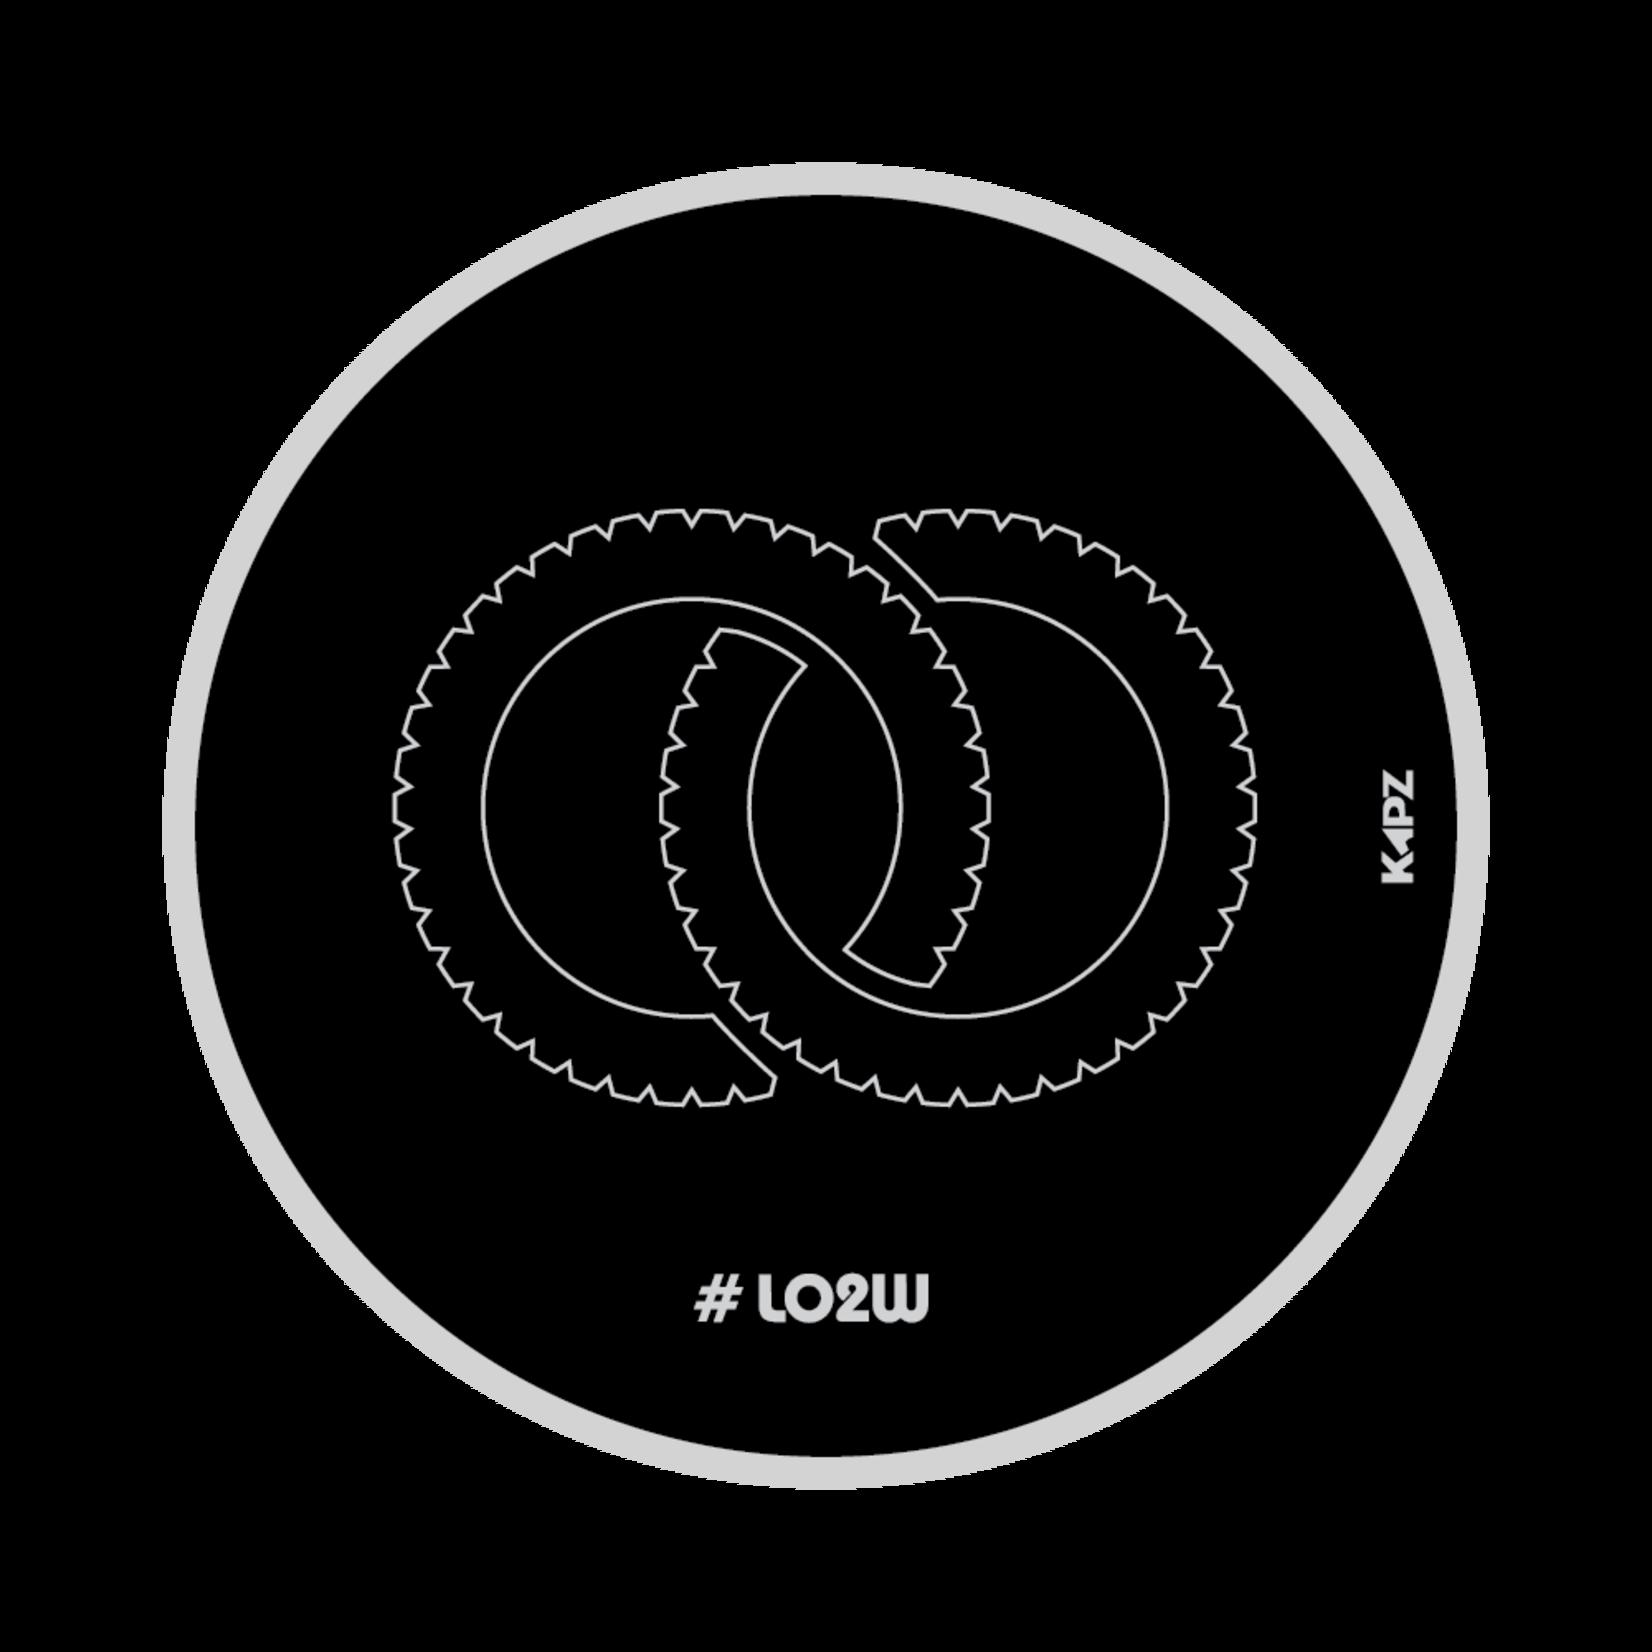 LO2W Headset Cap